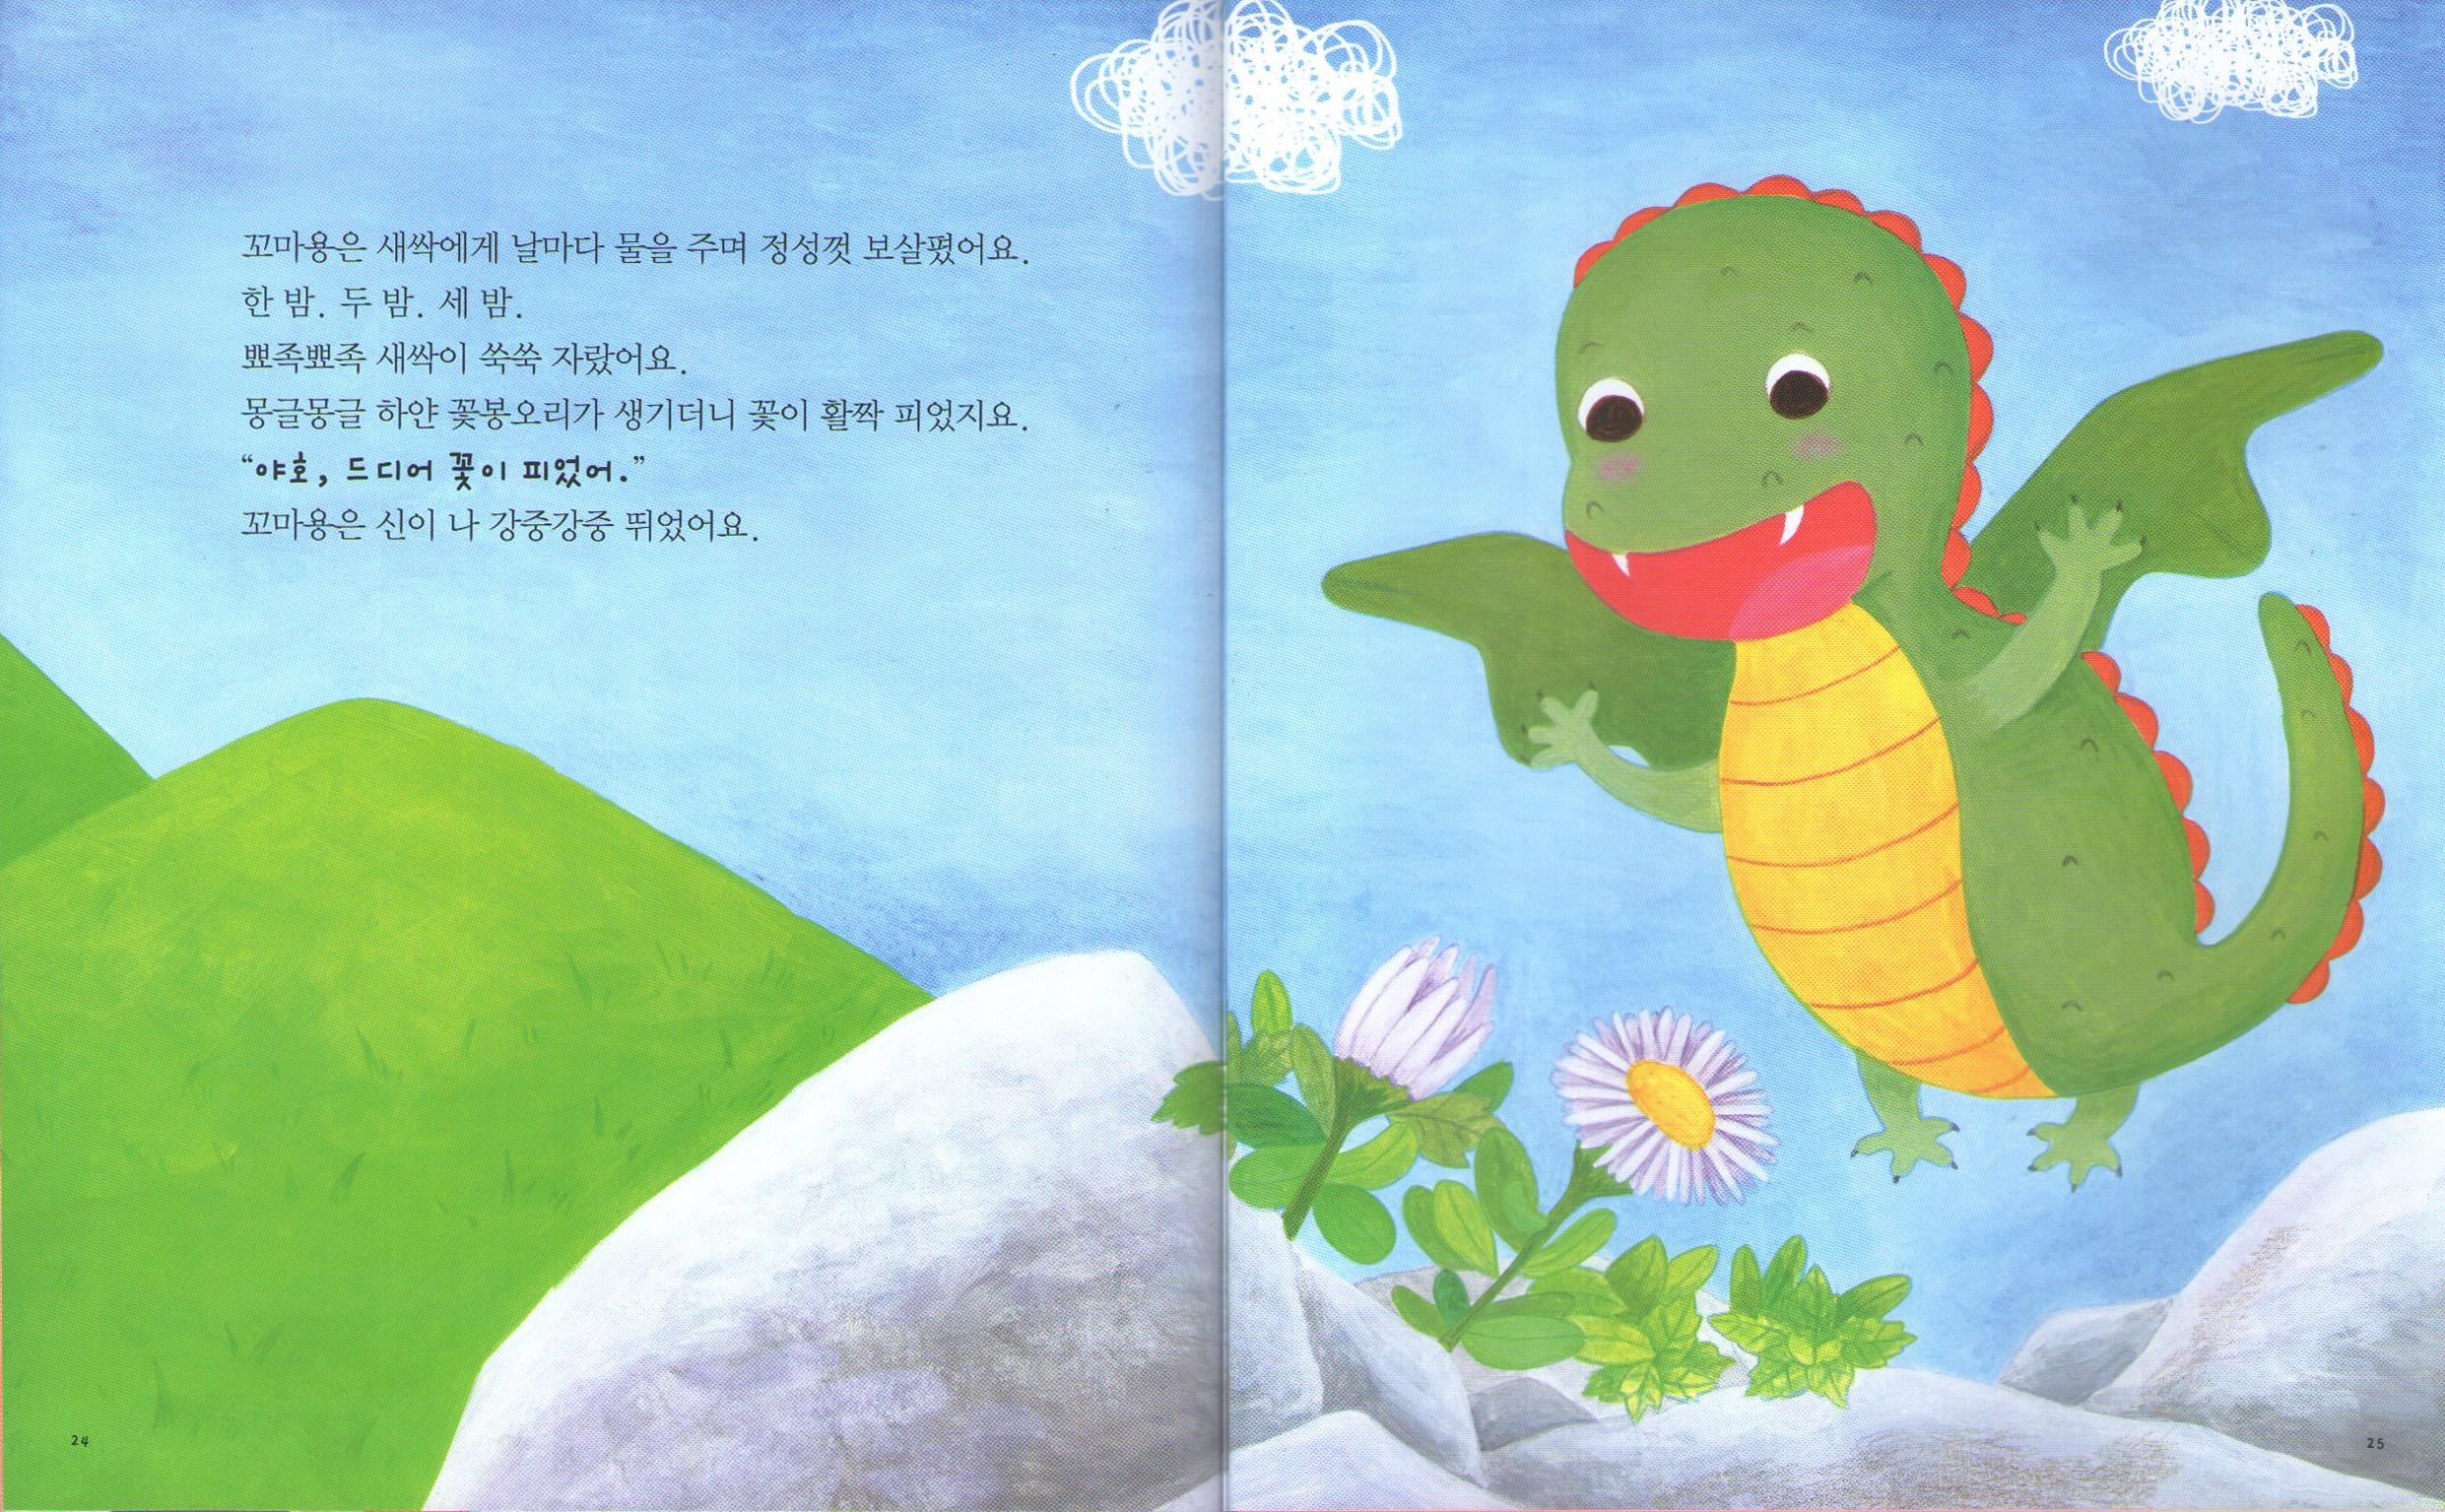 꼬마용의새싹_펼침면05